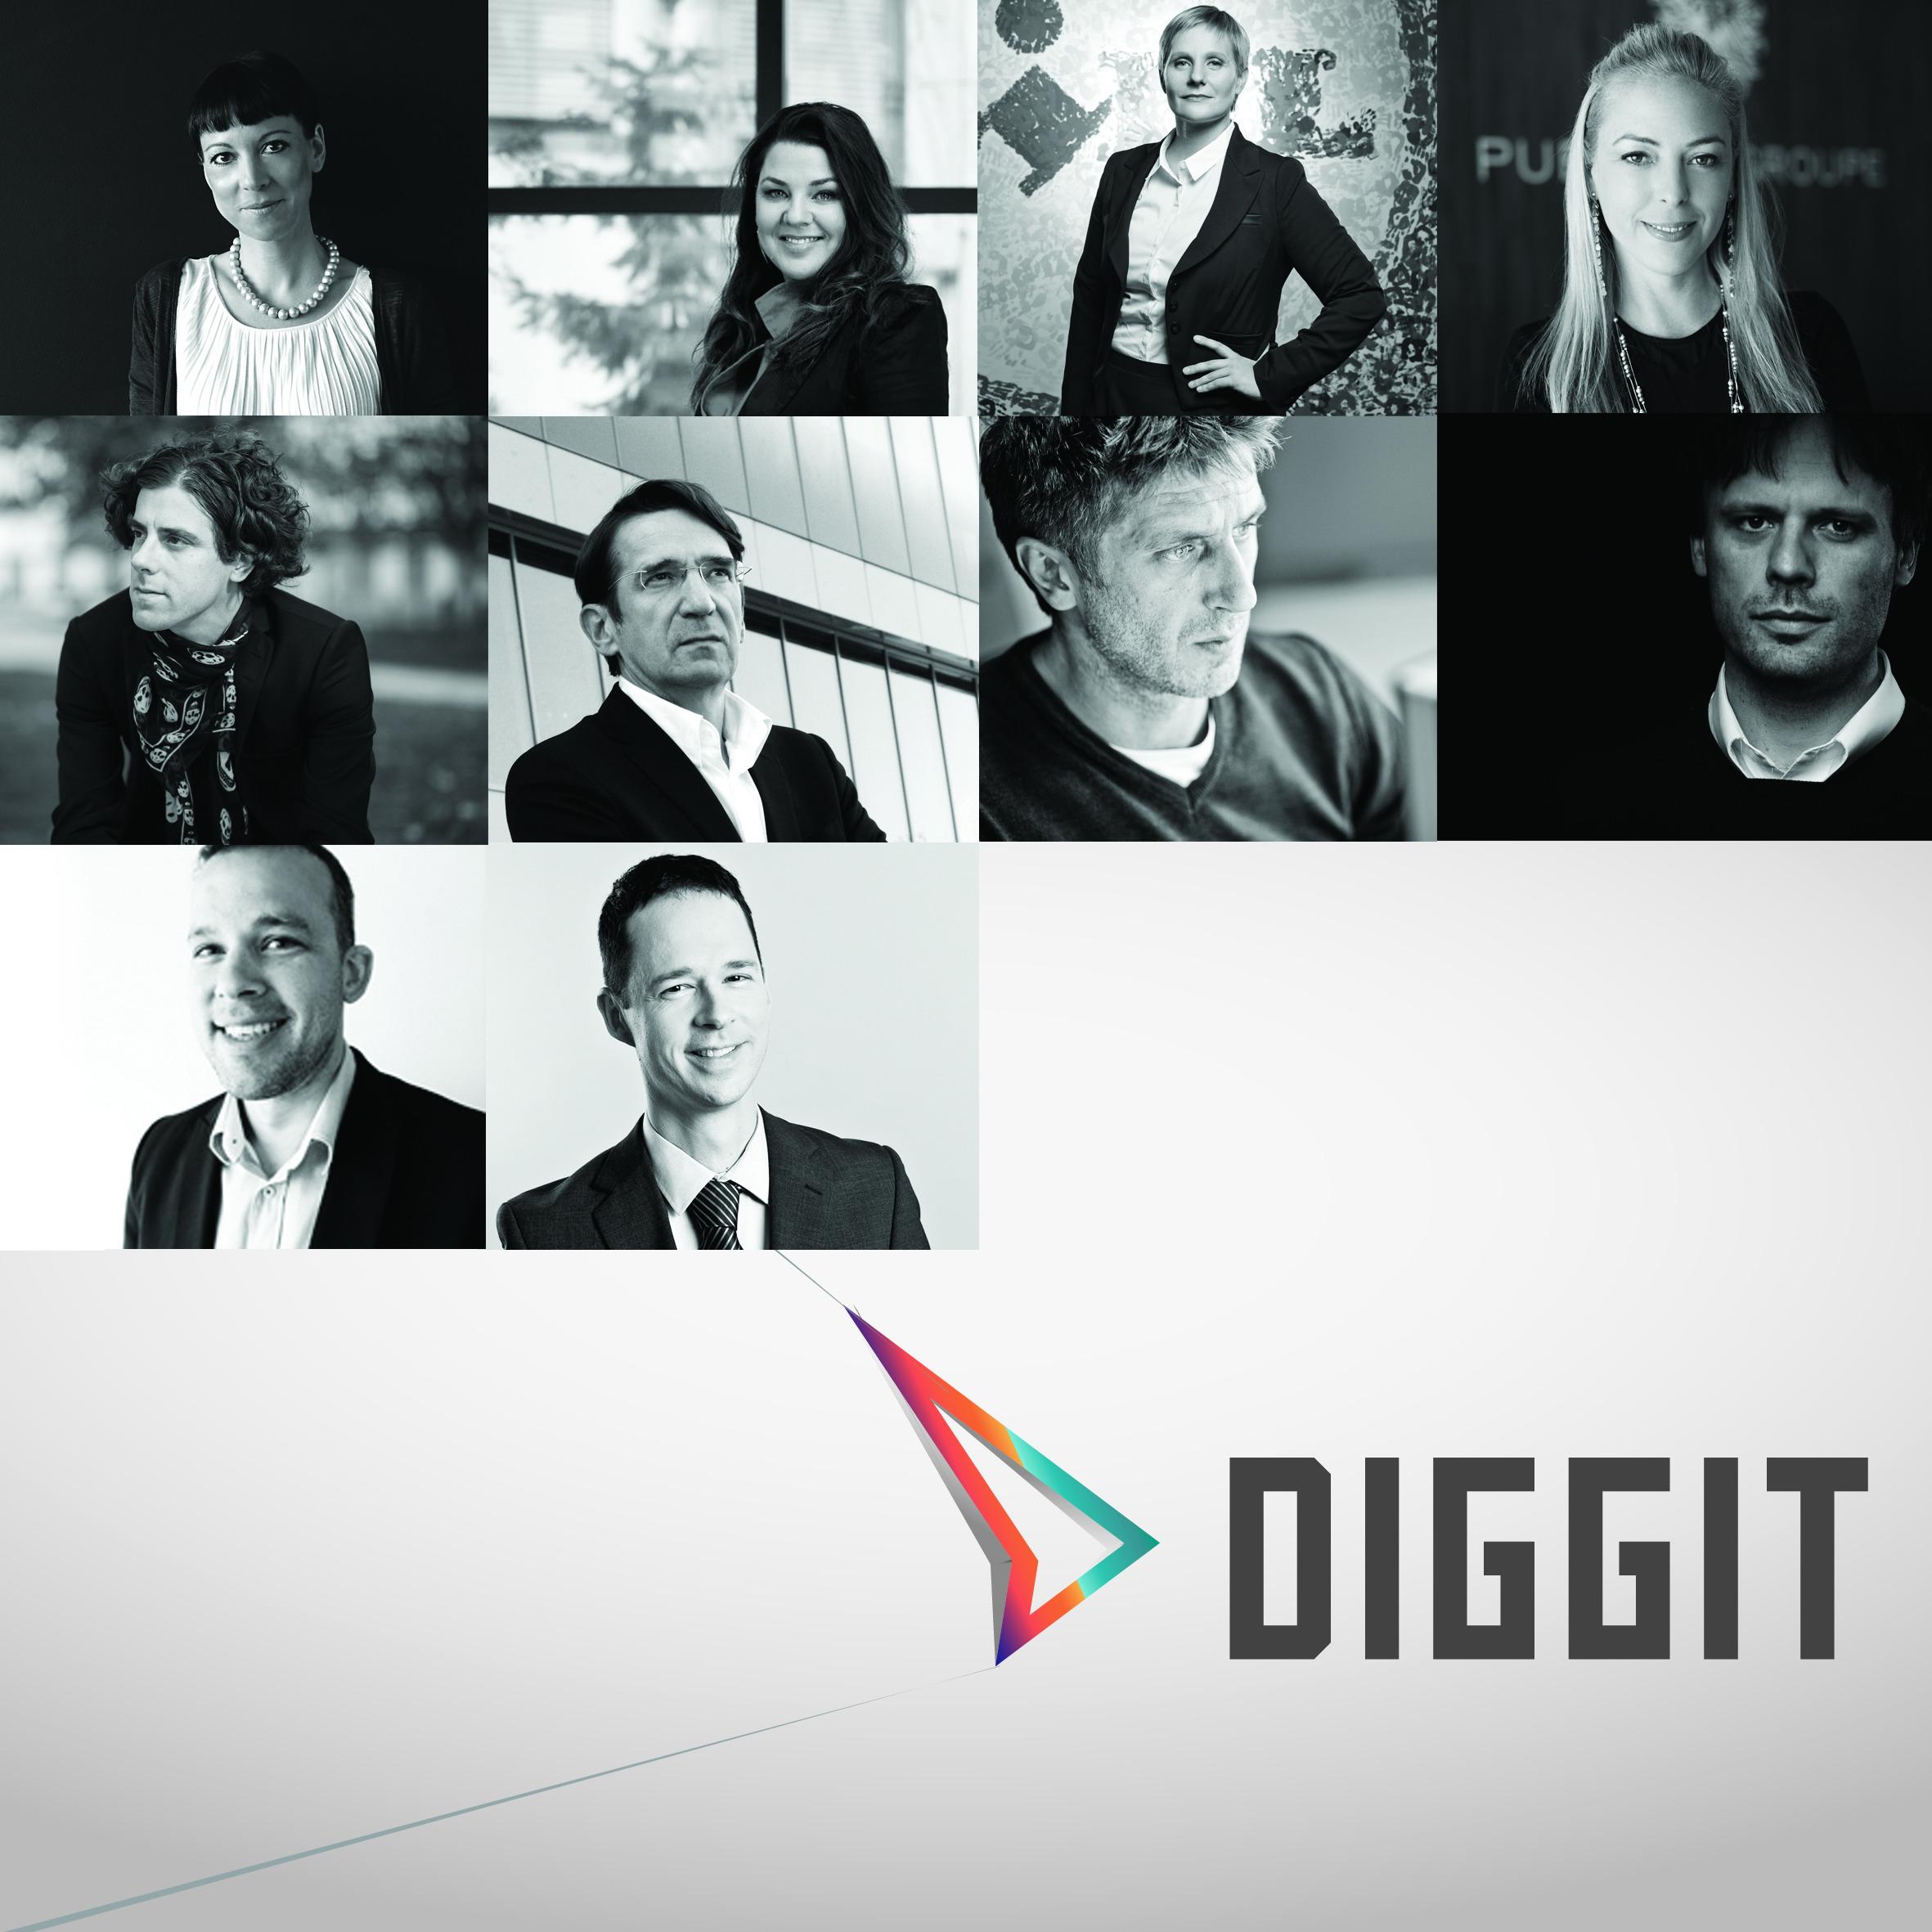 Desetčlanska žirija bo najboljše med najboljšimi prijavljenimi digitalnimi rešitvami za zlato nagrado Diggit izbirala v osemnajstih kategorijah. Dodatno bo izbrala še štiri prejemnike velike nagrade.